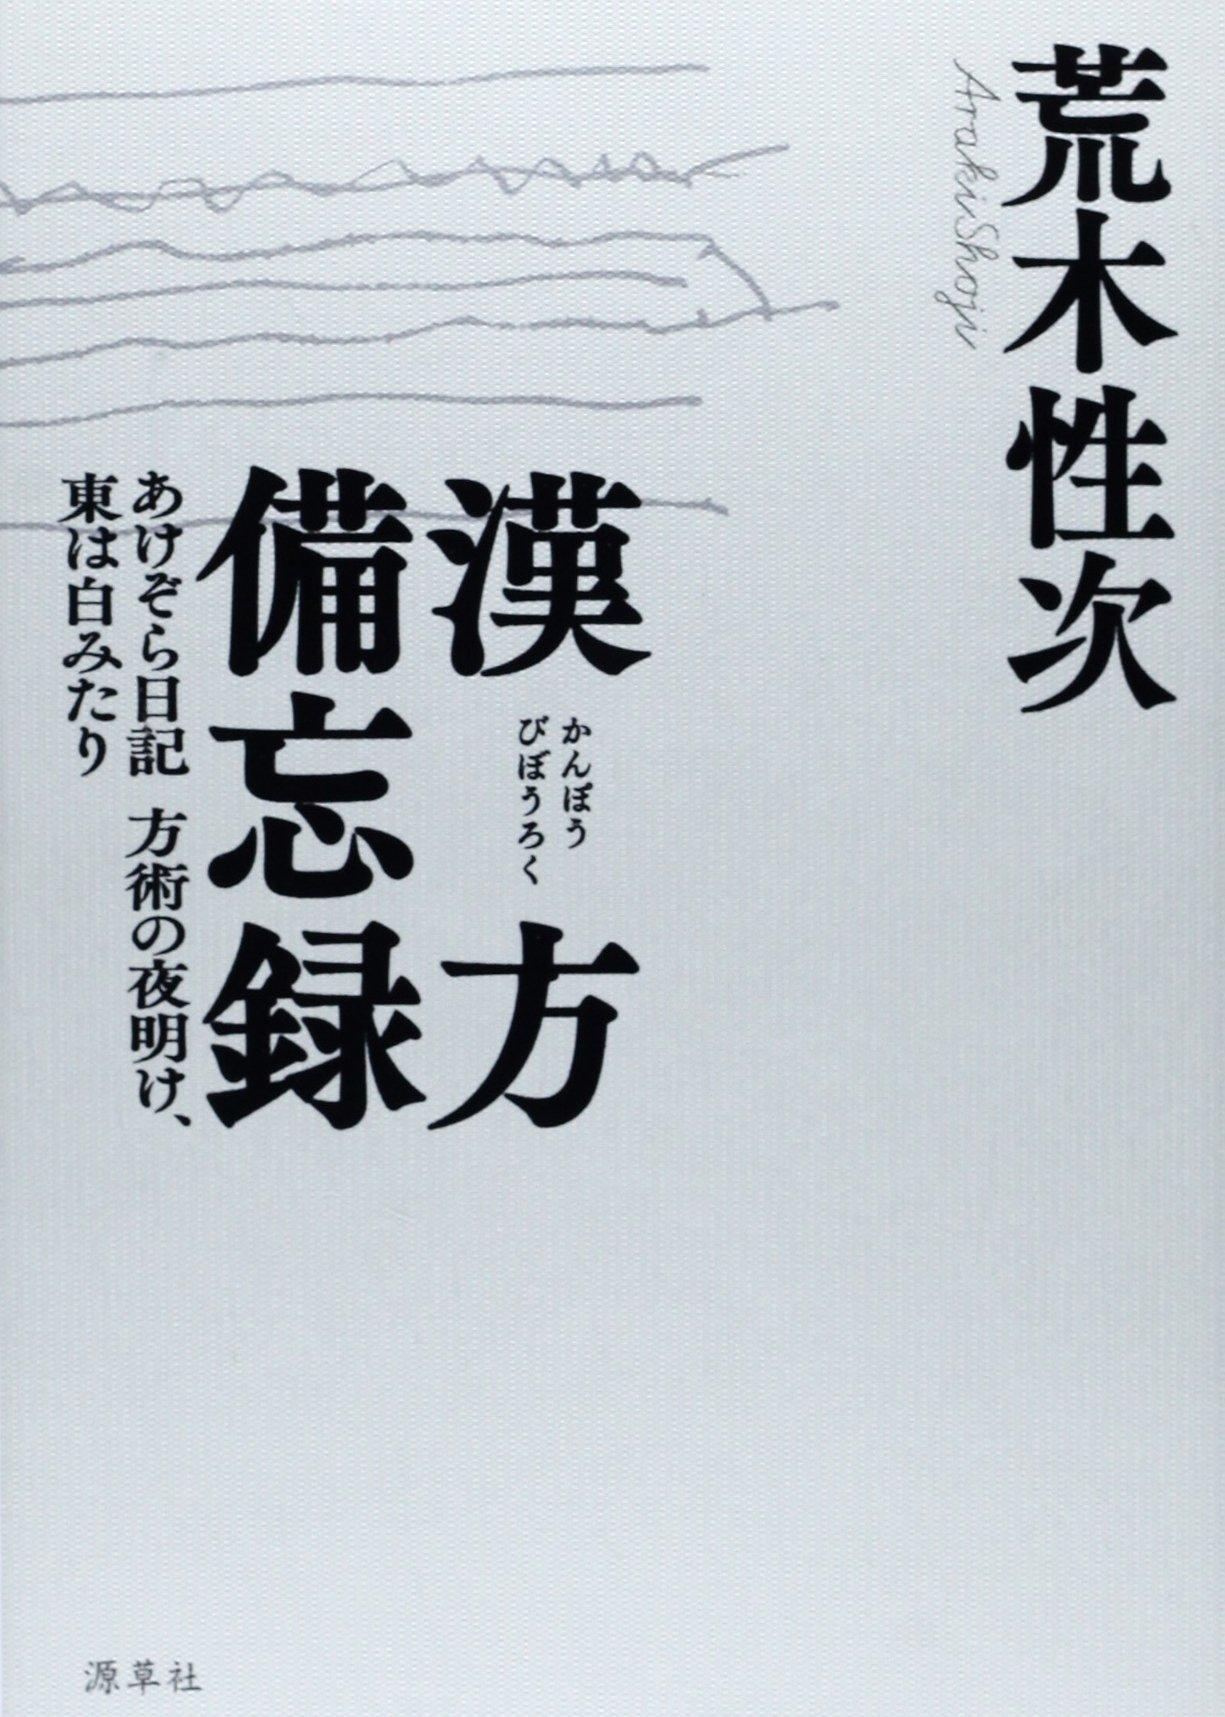 Download Kanpo biboroku : Akezora nikki hojutsu no yoake higashi wa shiromitari. pdf